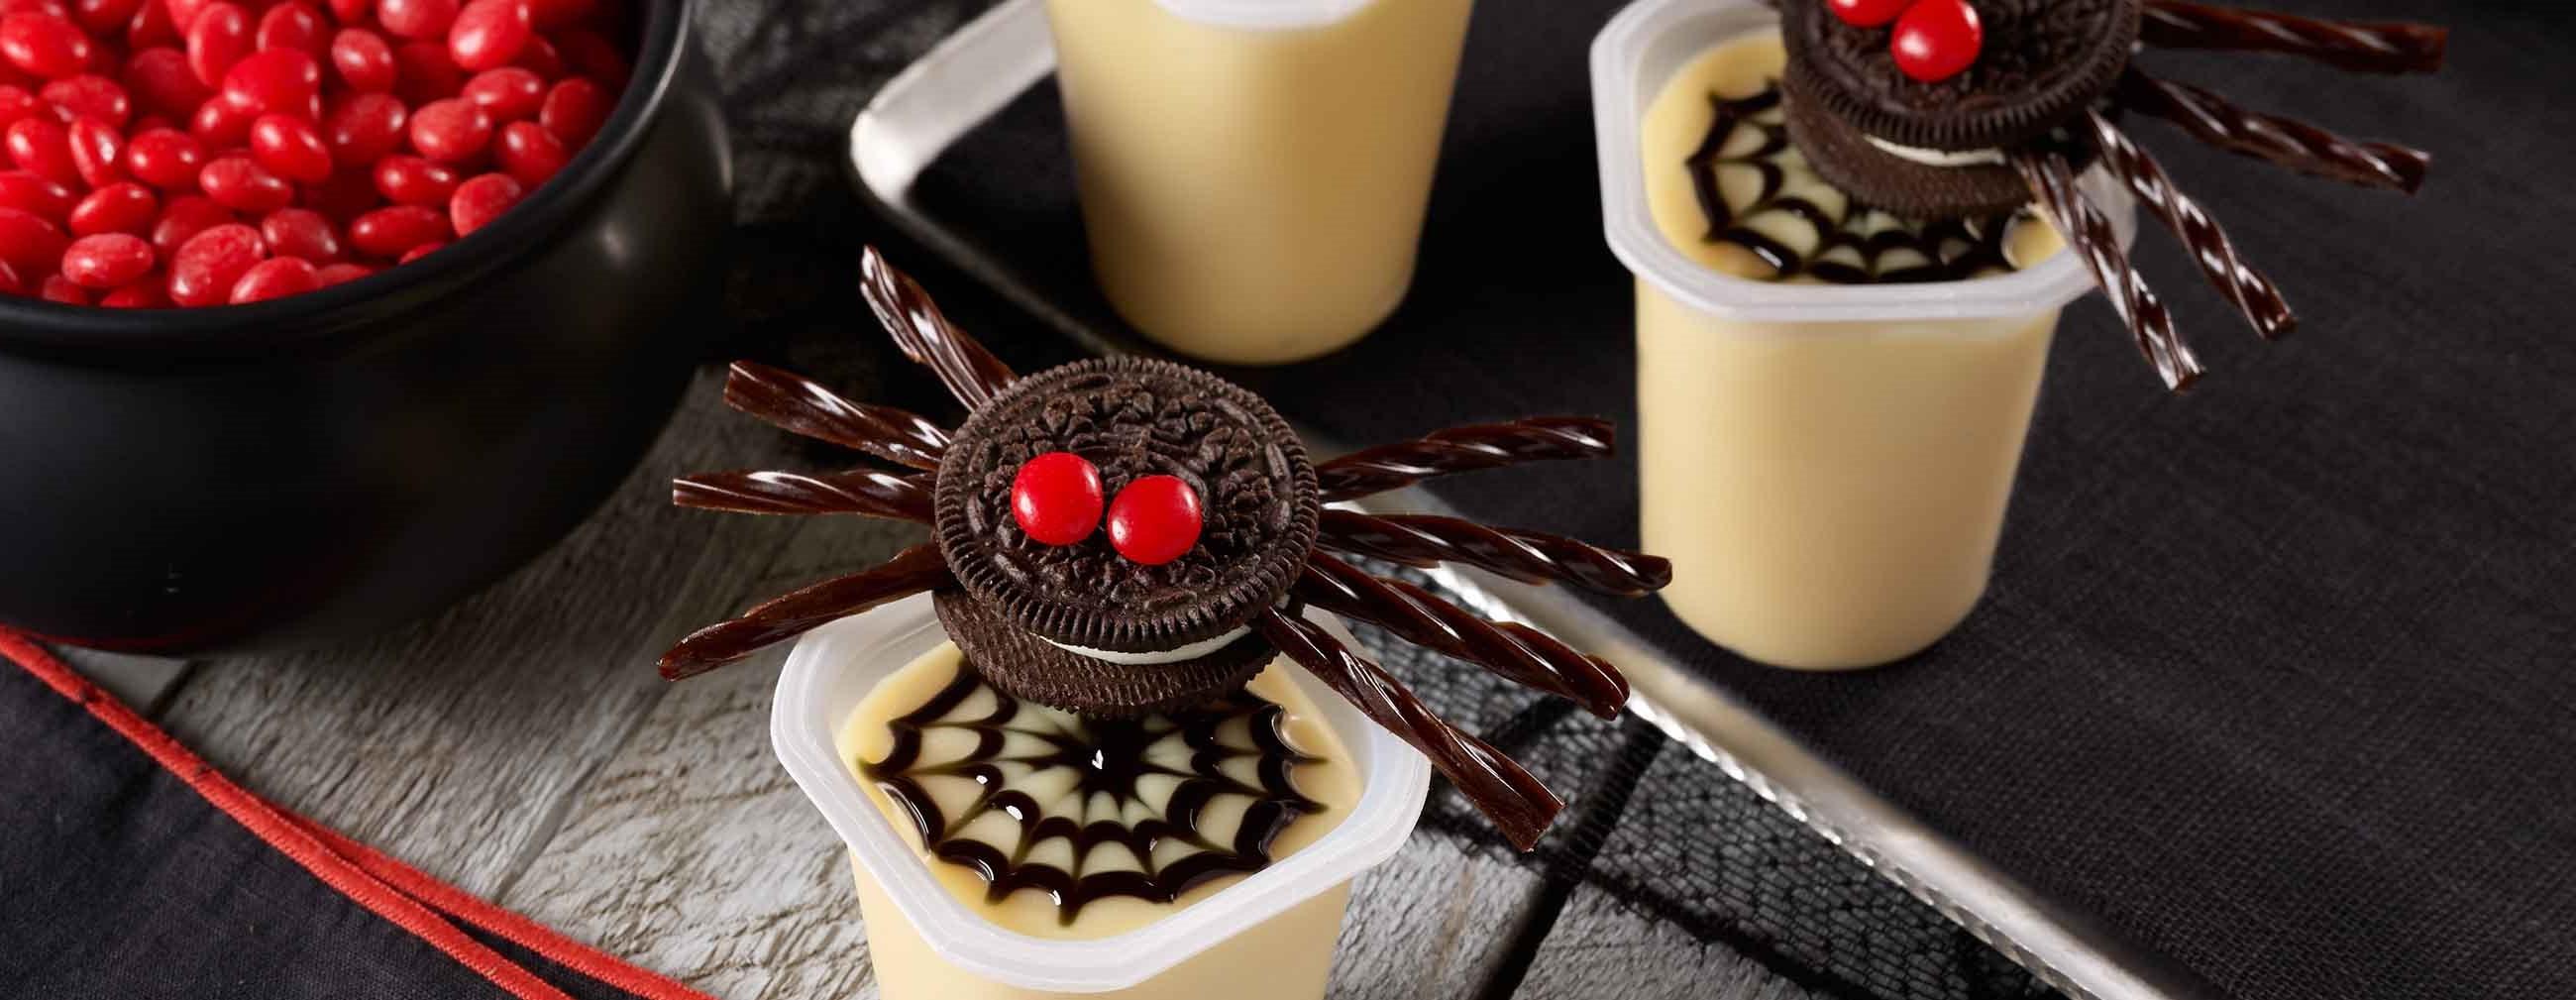 Le bonus est que vous pouvez manger vos créations d'Halloween!